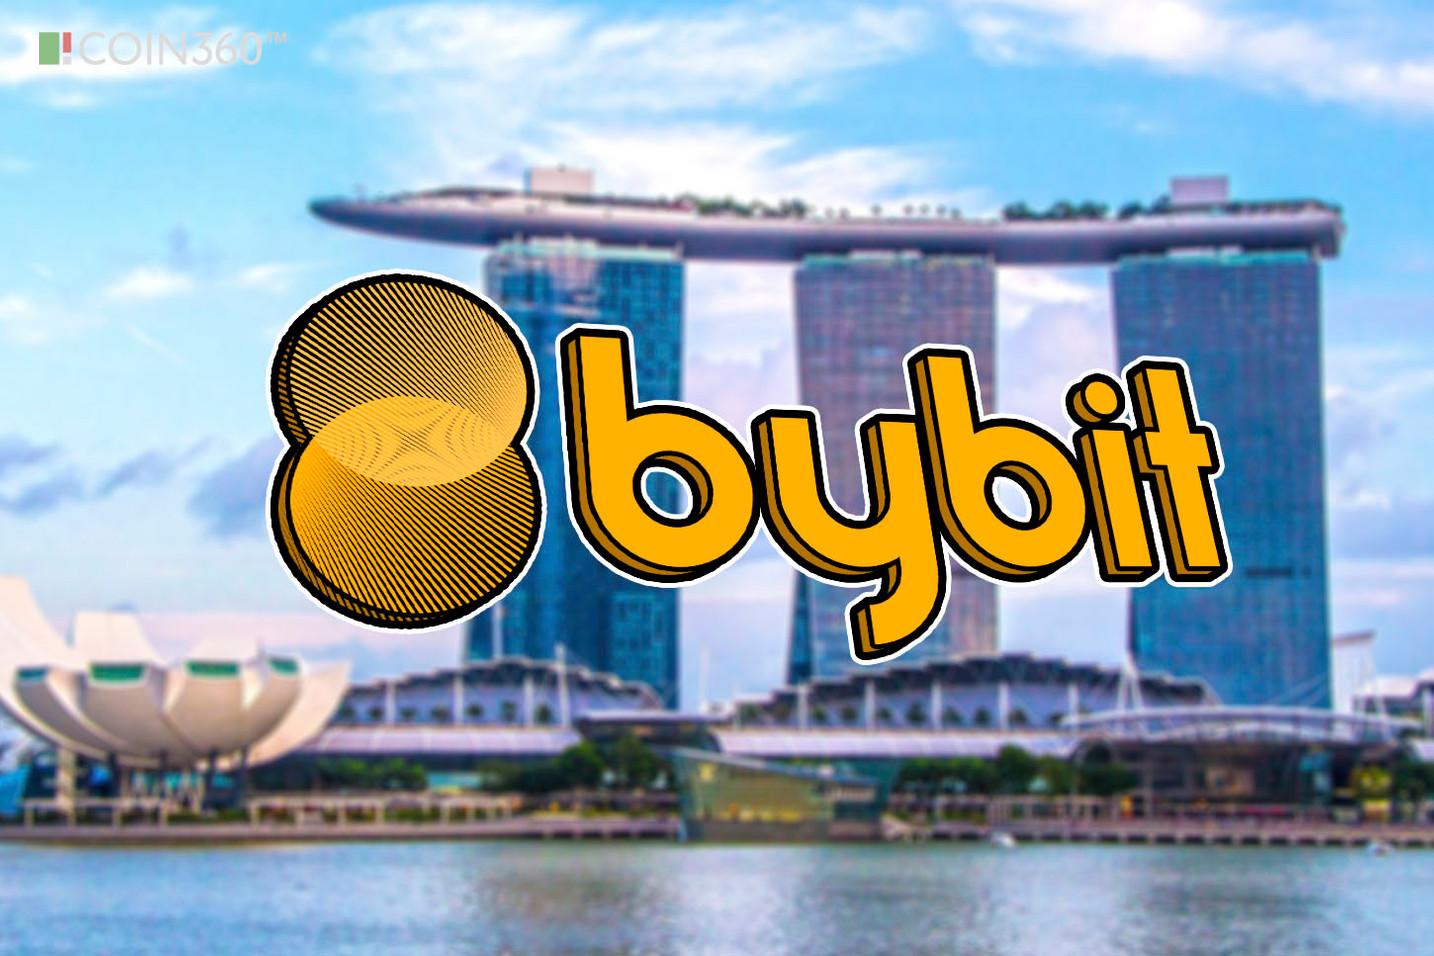 Anmeldung für den weltgrößten Bitcoin Team-Trading Wettbewerb eröffnet